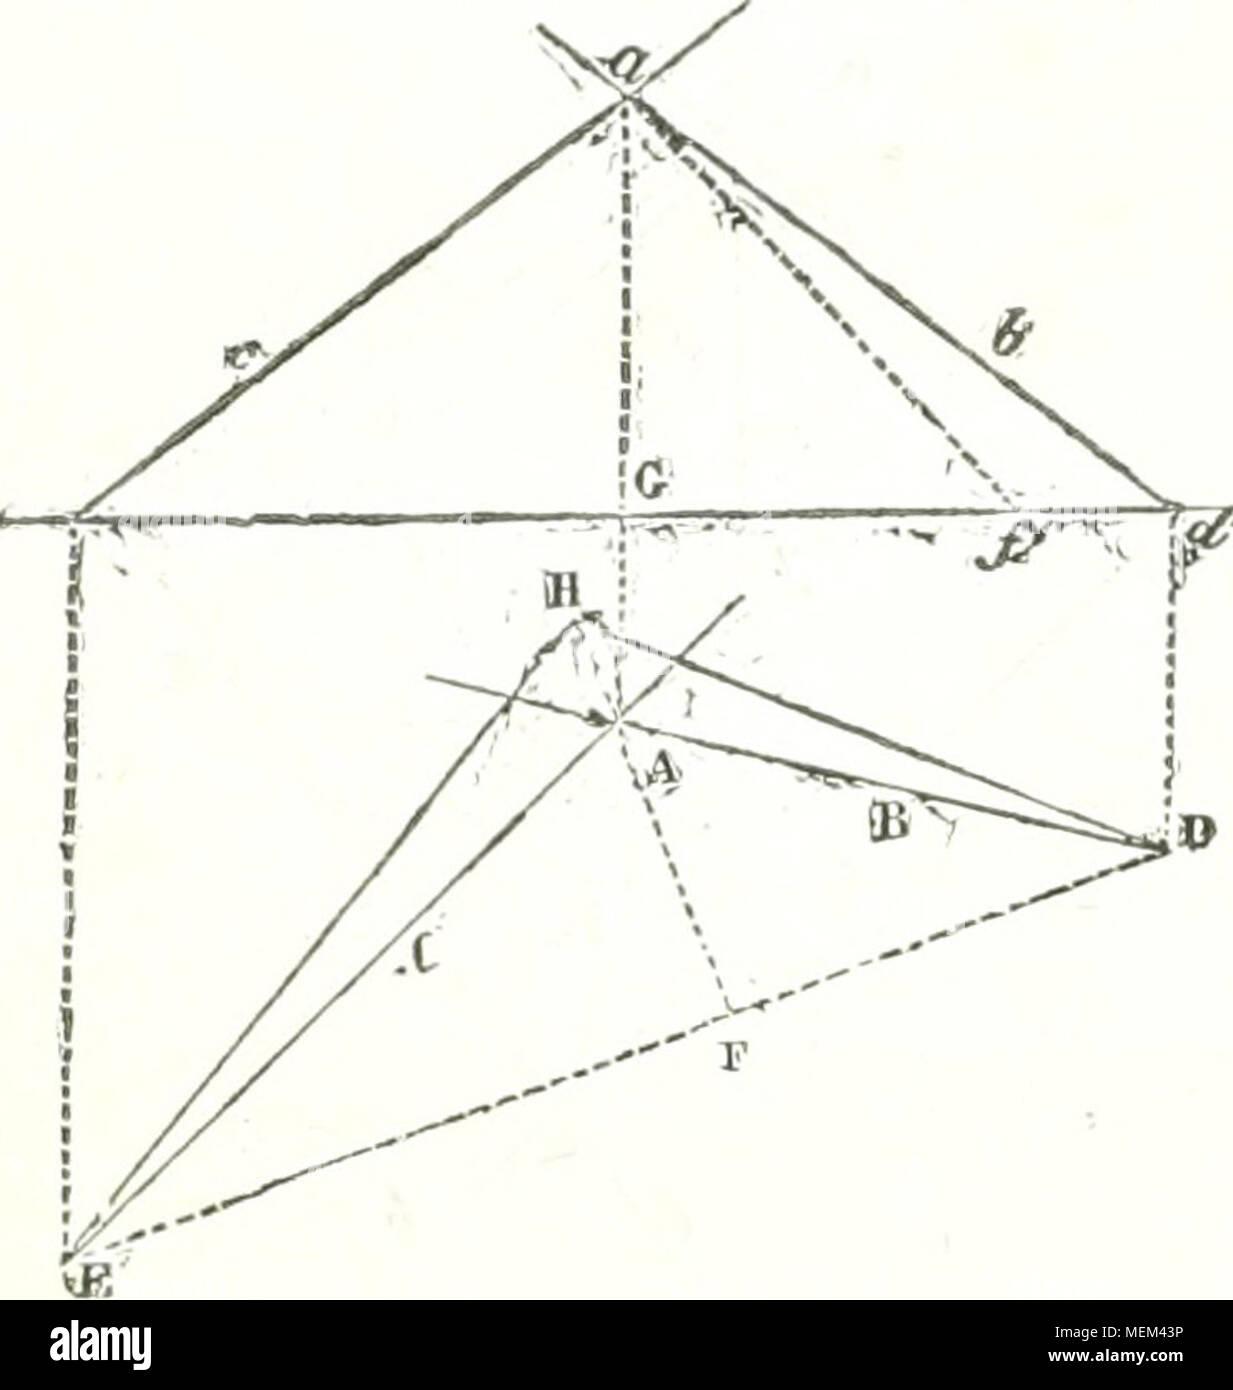 . Dictionnaire des sciences mathématiques purs et appliquées . Soient AC et AB les projections horizontales et ac et ab les projections verticales. Parle procédé du N°8, déterminons d'abord les traces horizontales E et D des deux droites et menons DE. Cette droite sera la base d'uu les dout triangle partiesdes droites proposées com- prises entre leurs traces et leur point de rencontre, seront les autres cÃ'tés. 11 ne s'agit donc que de déter- miner les longueurs de ces parties , pour pouvoir cons- truire le triangle et conséquemment résoudre le pro- blùmc. Or, il se présente un m Photo Stock